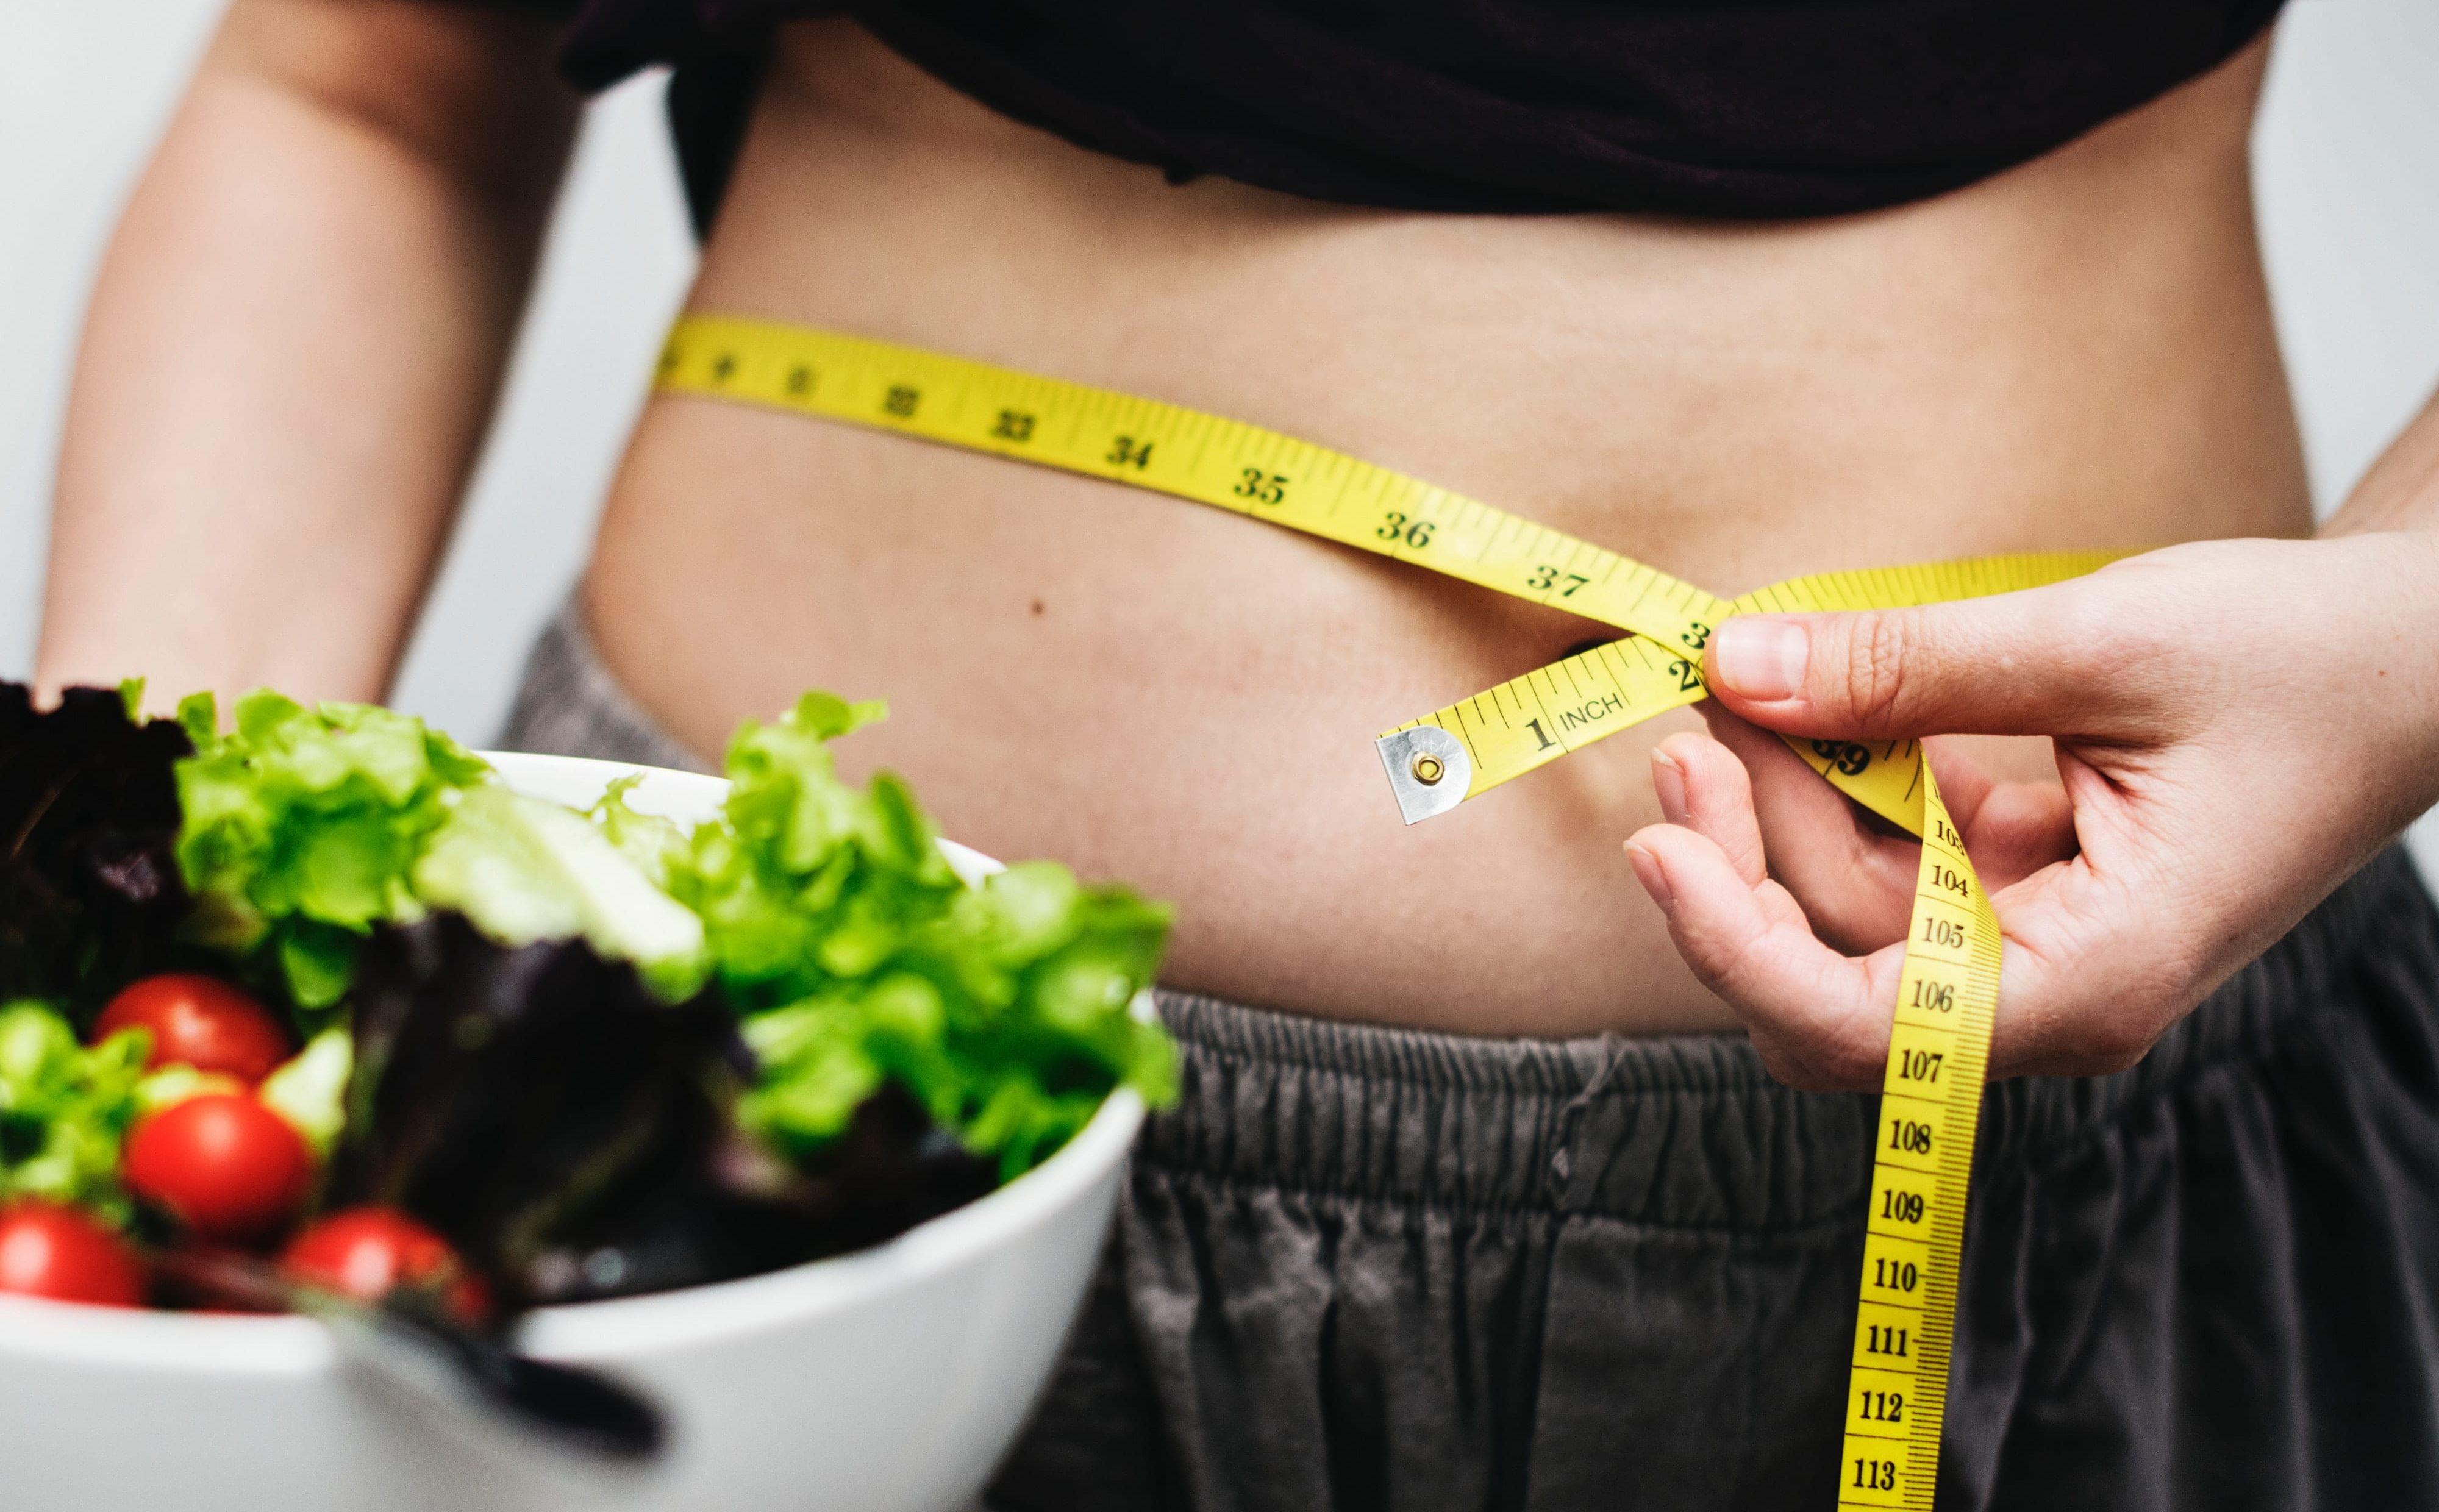 la dieta migliore per perdere peso velocemente 2020